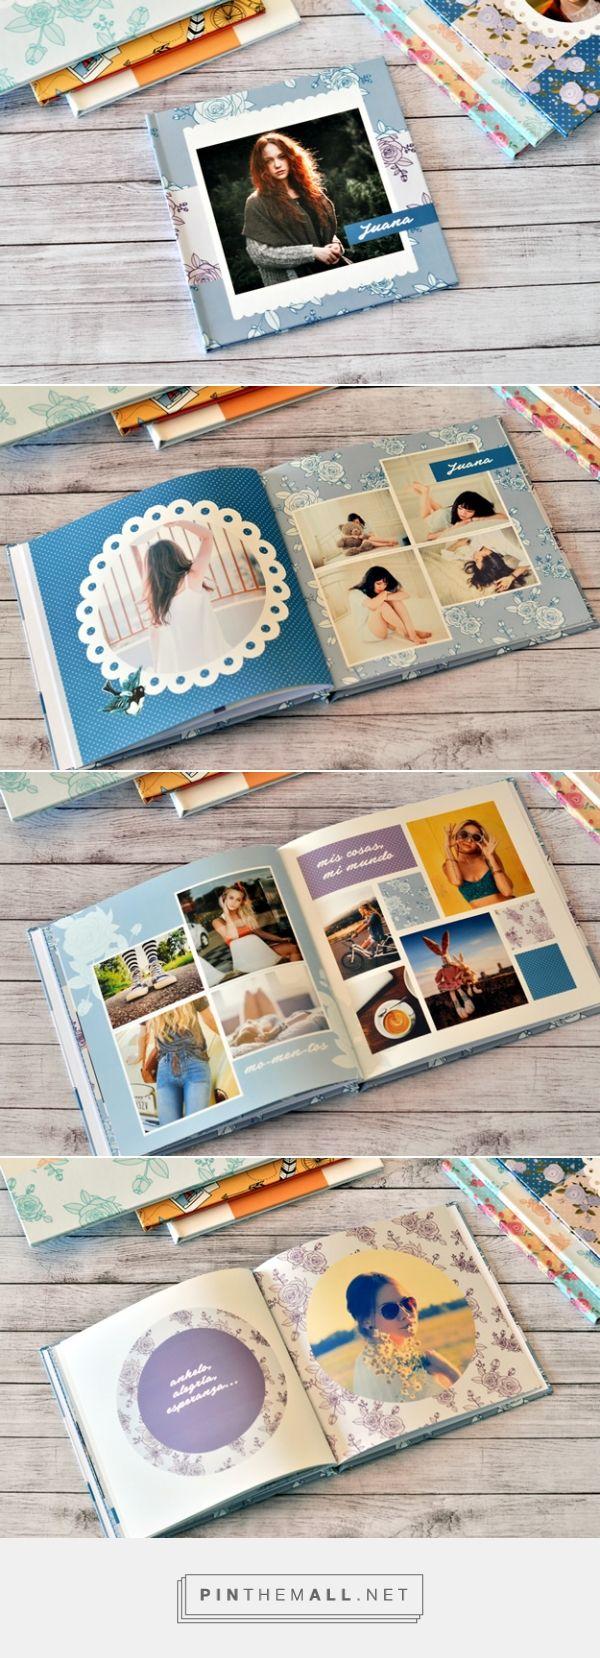 Juana Noche. Diseño de fotolibro estilo romántico para 15 años, nenas, bebitas o lo que quieras! Descargalo gratis y completalo con tus fotos.   Blog - Fábrica de Fotolibros - created via https://pinthemall.net